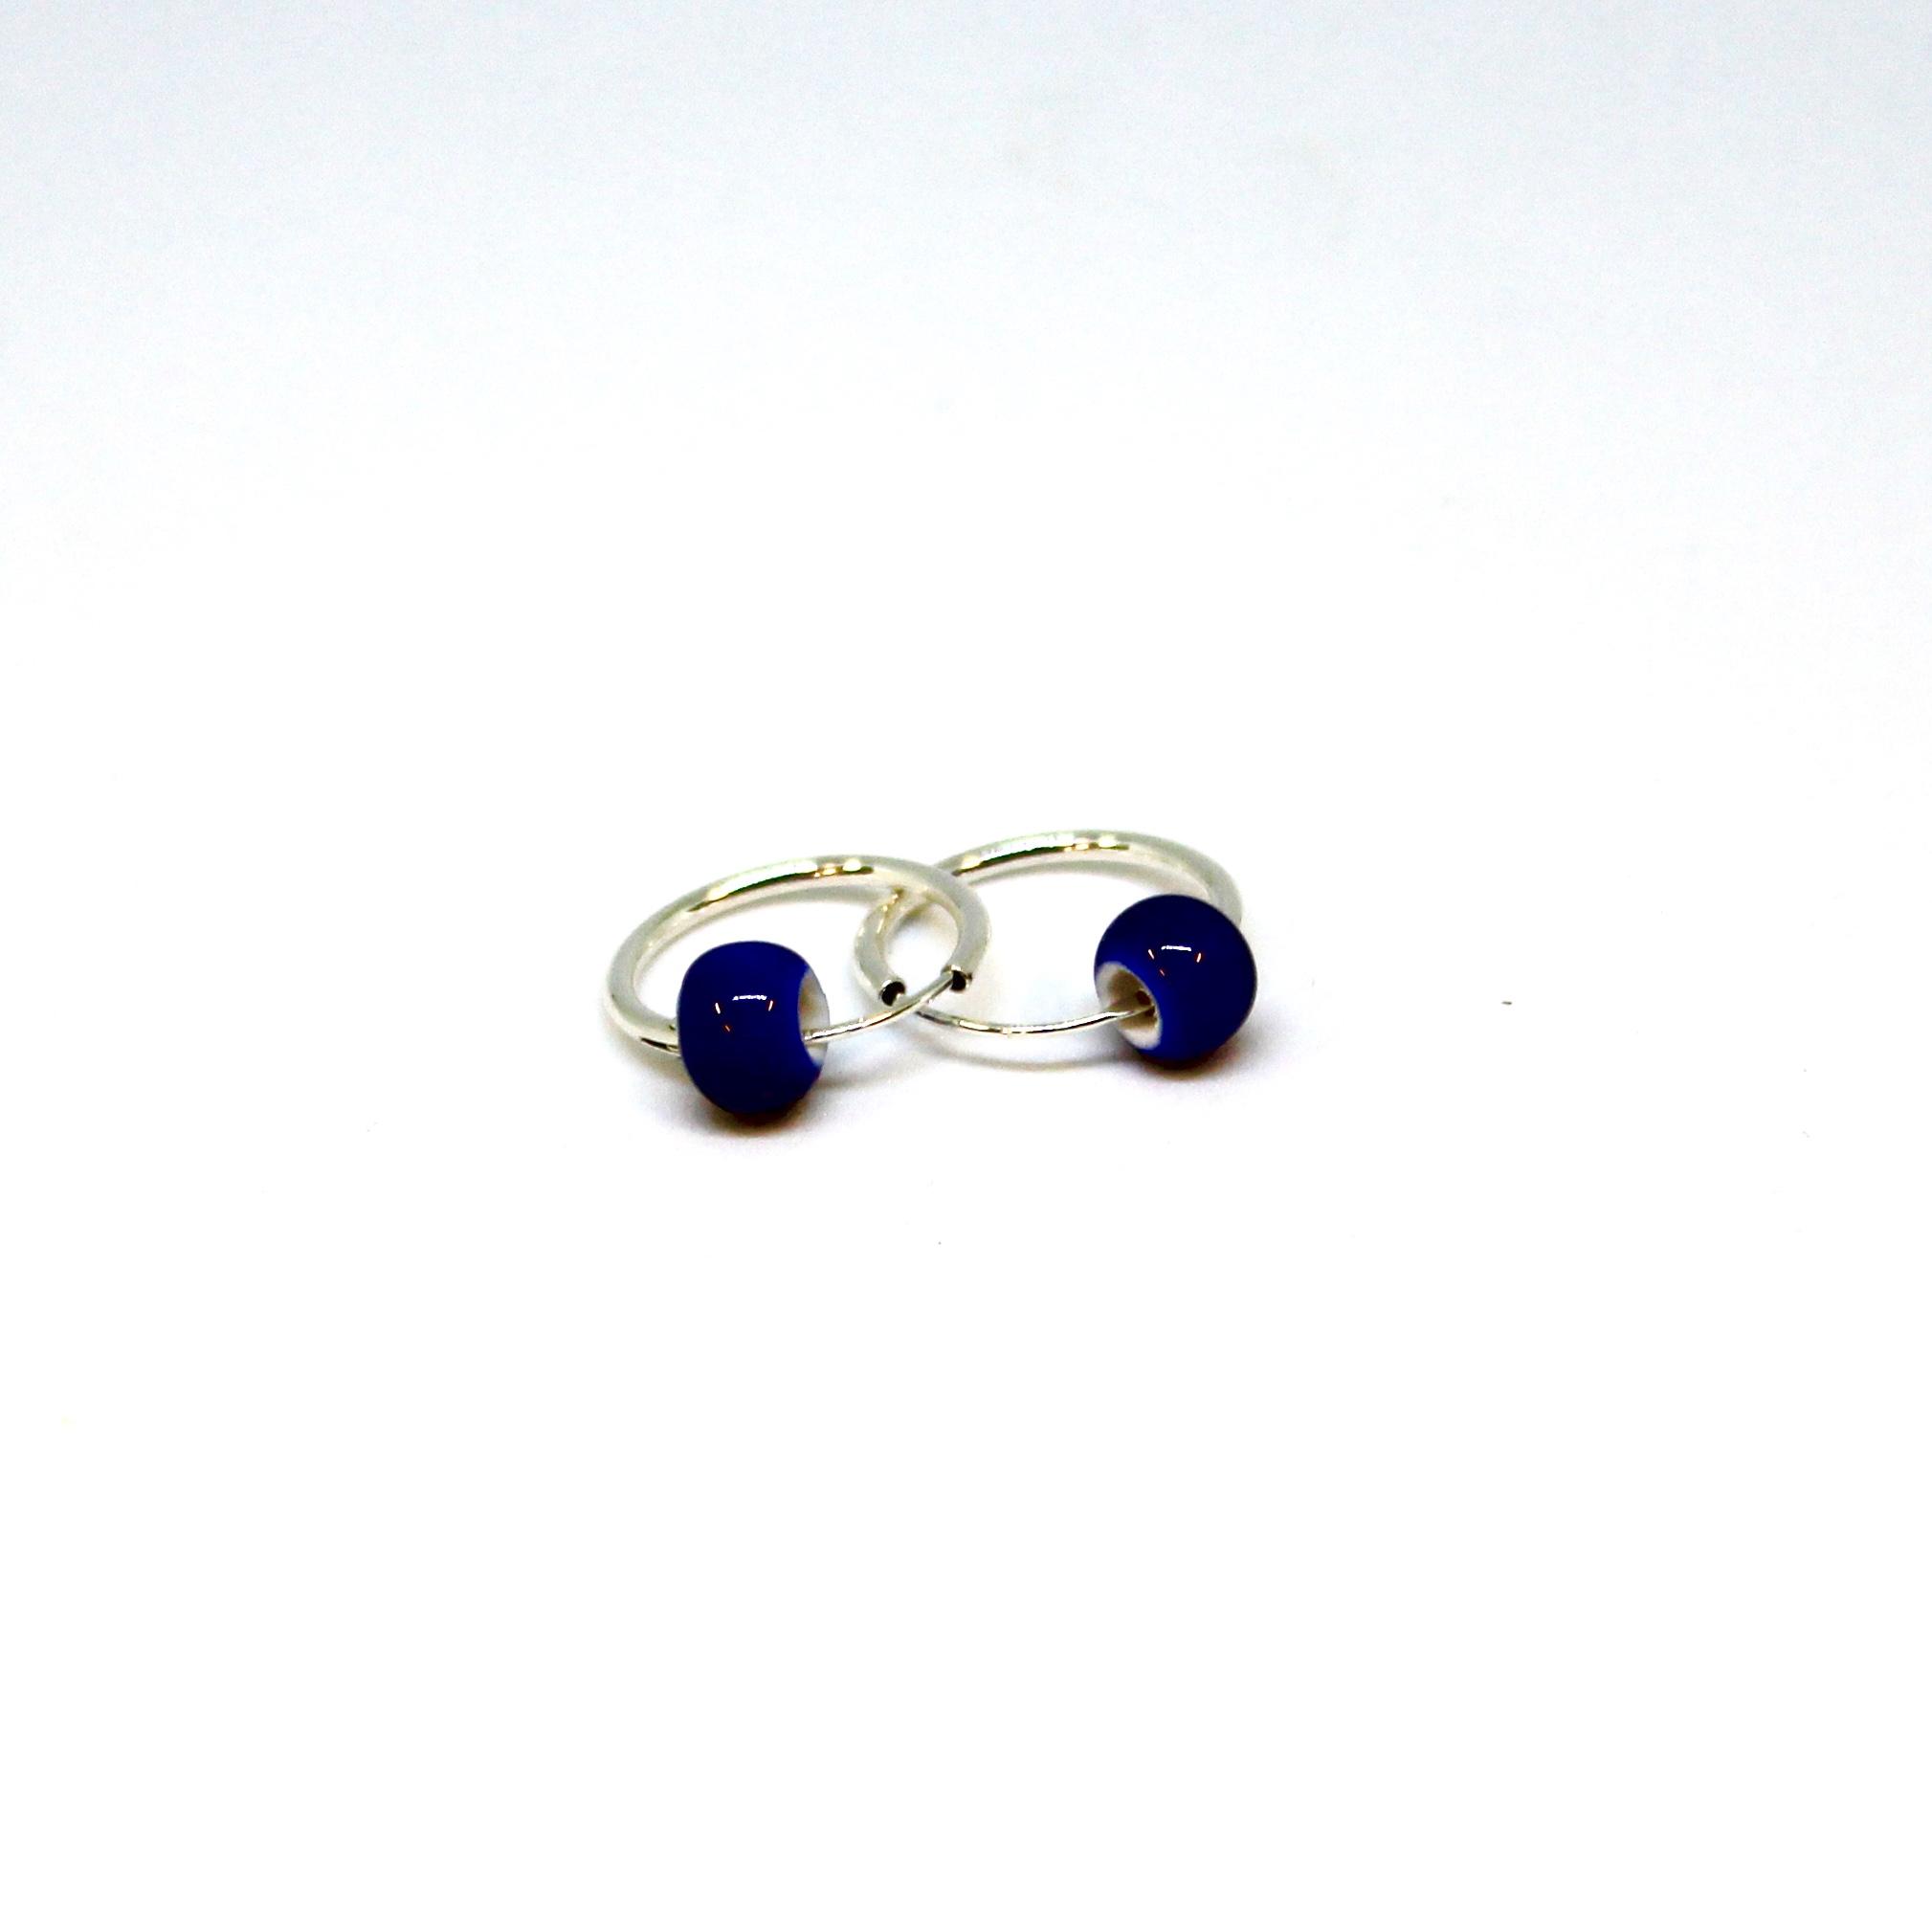 PO. 12 i koboltblå + sølv